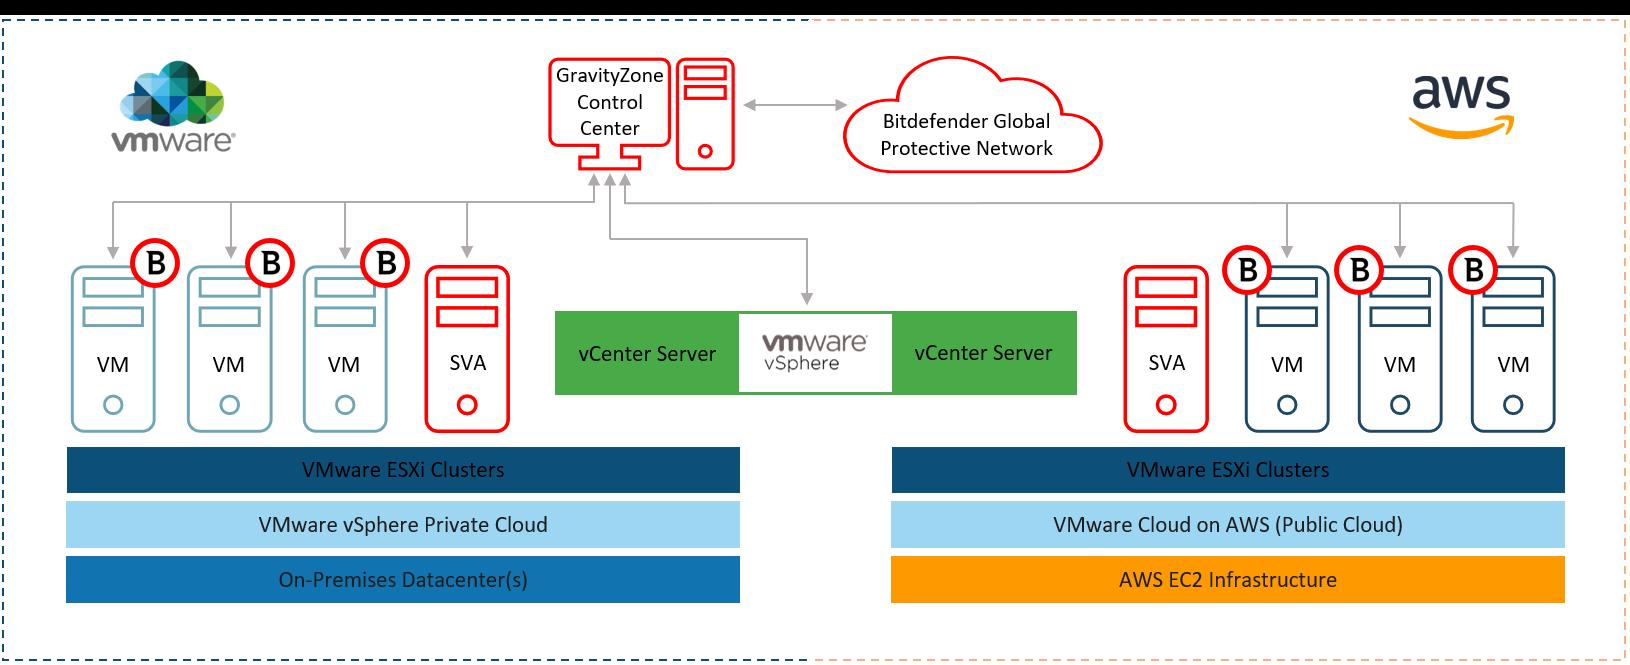 VMware Cloud védelem AWS-en GravityZone-nal